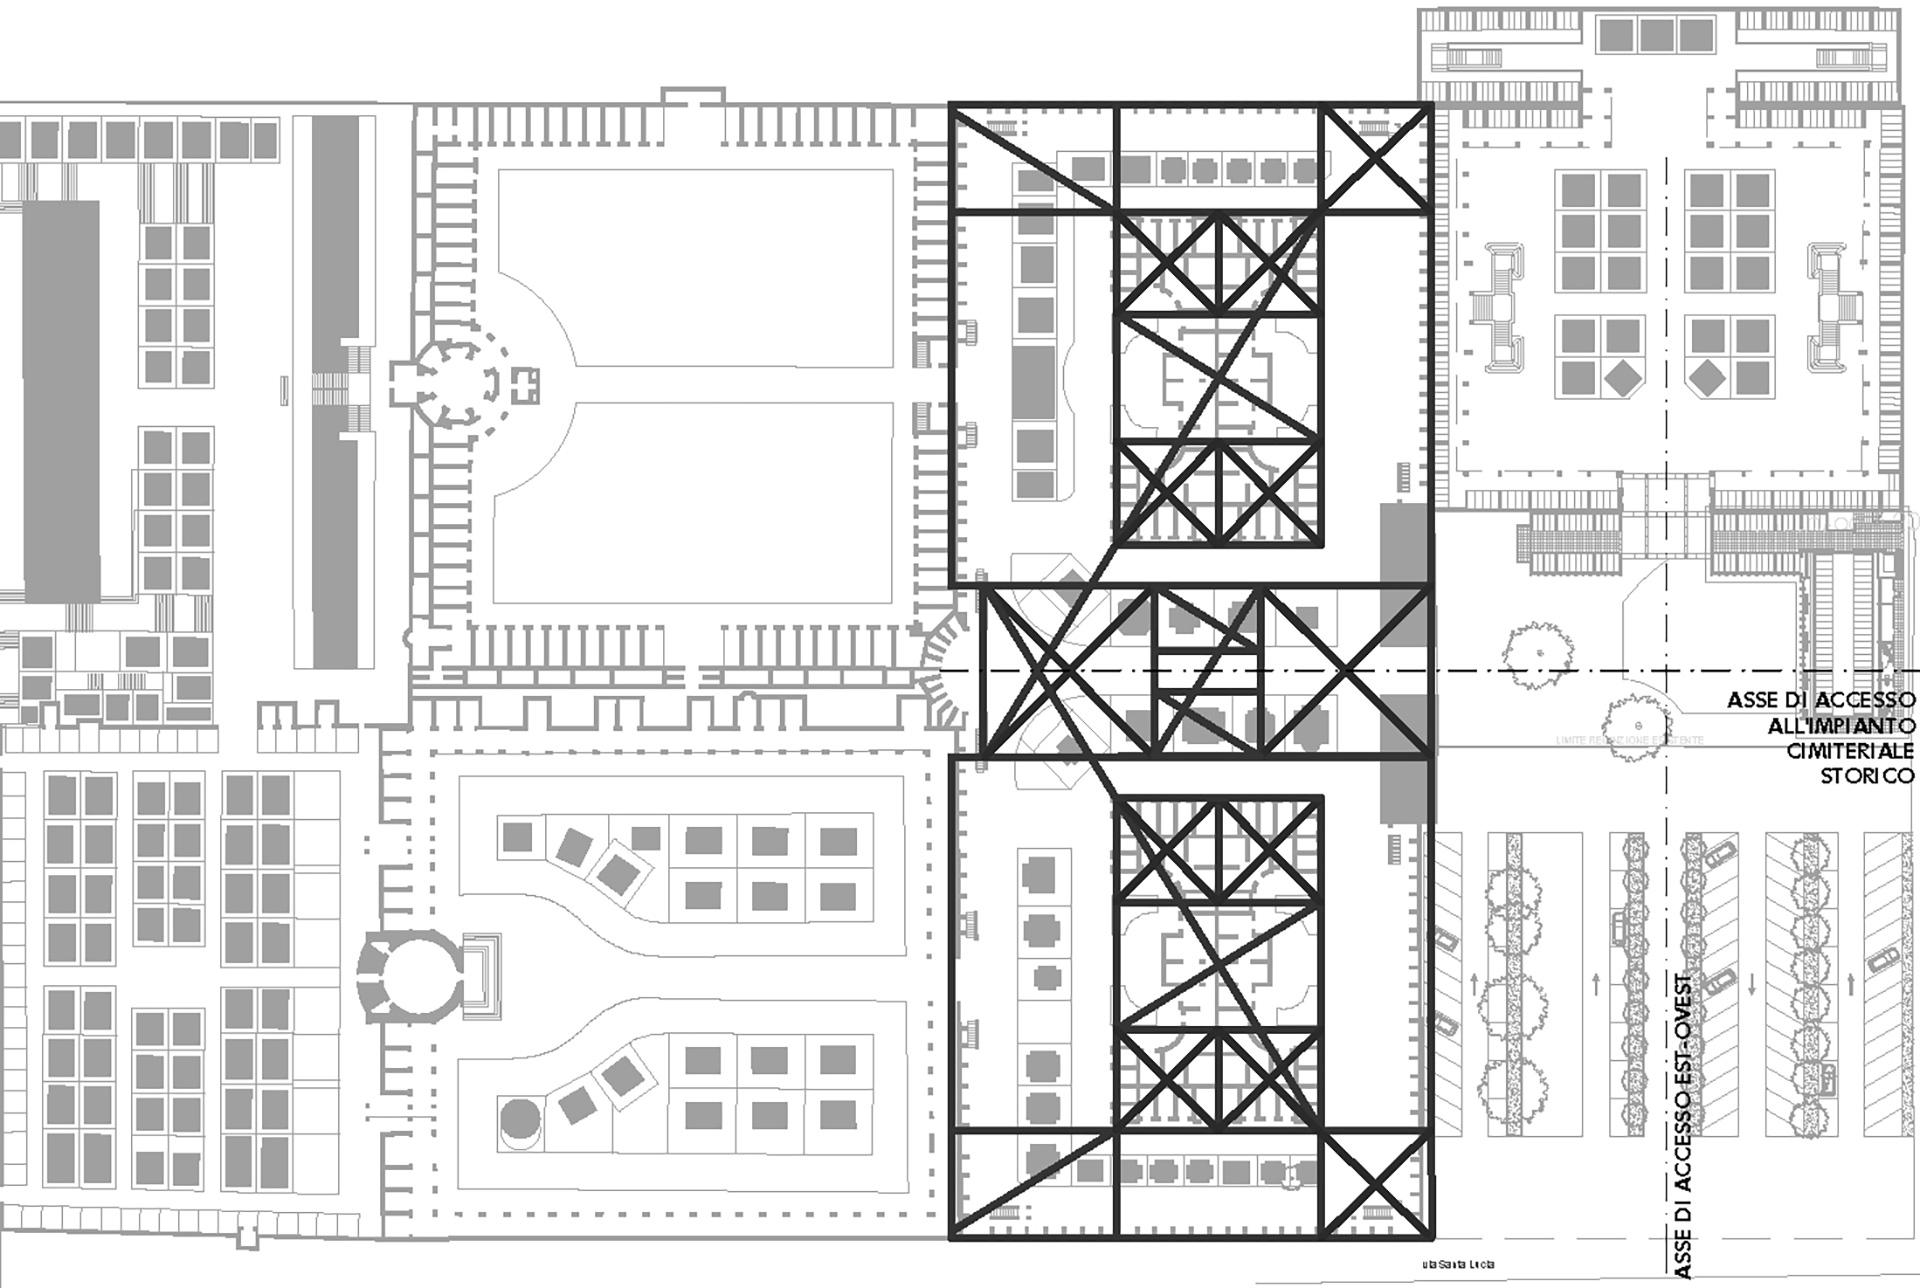 cimitero monumentale. individuazione delle geometrie dell'impianto cimiteriale storico, da cui è scaturito il progetto sviluppato.